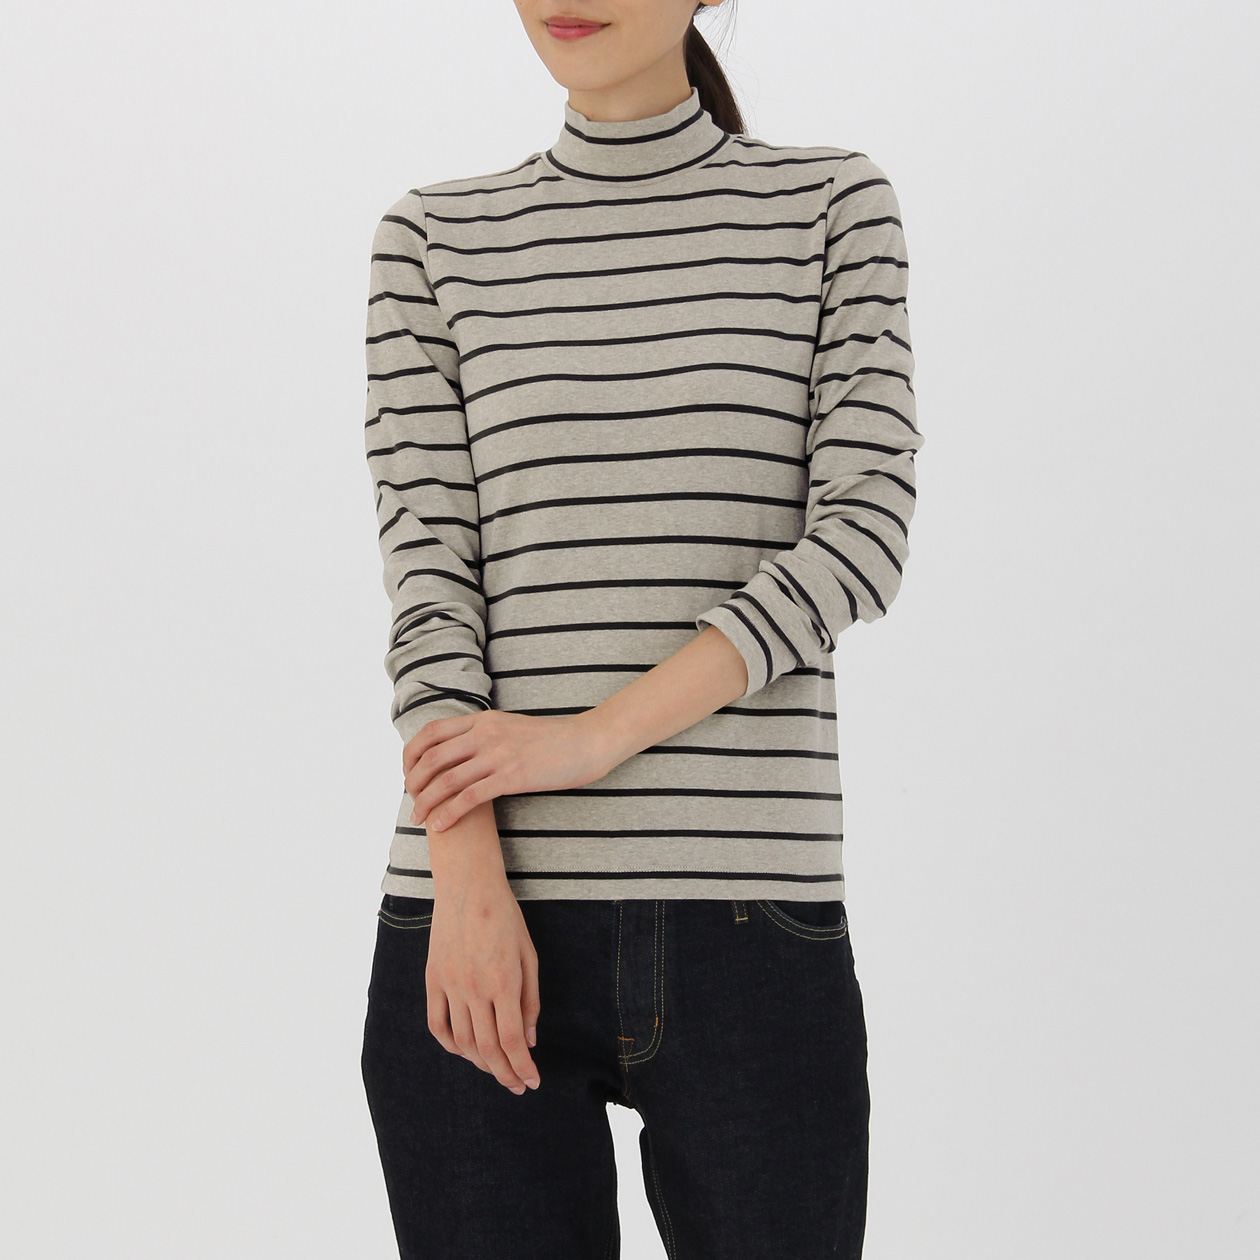 オーガニックコットンストレッチボーダーハイネックTシャツ